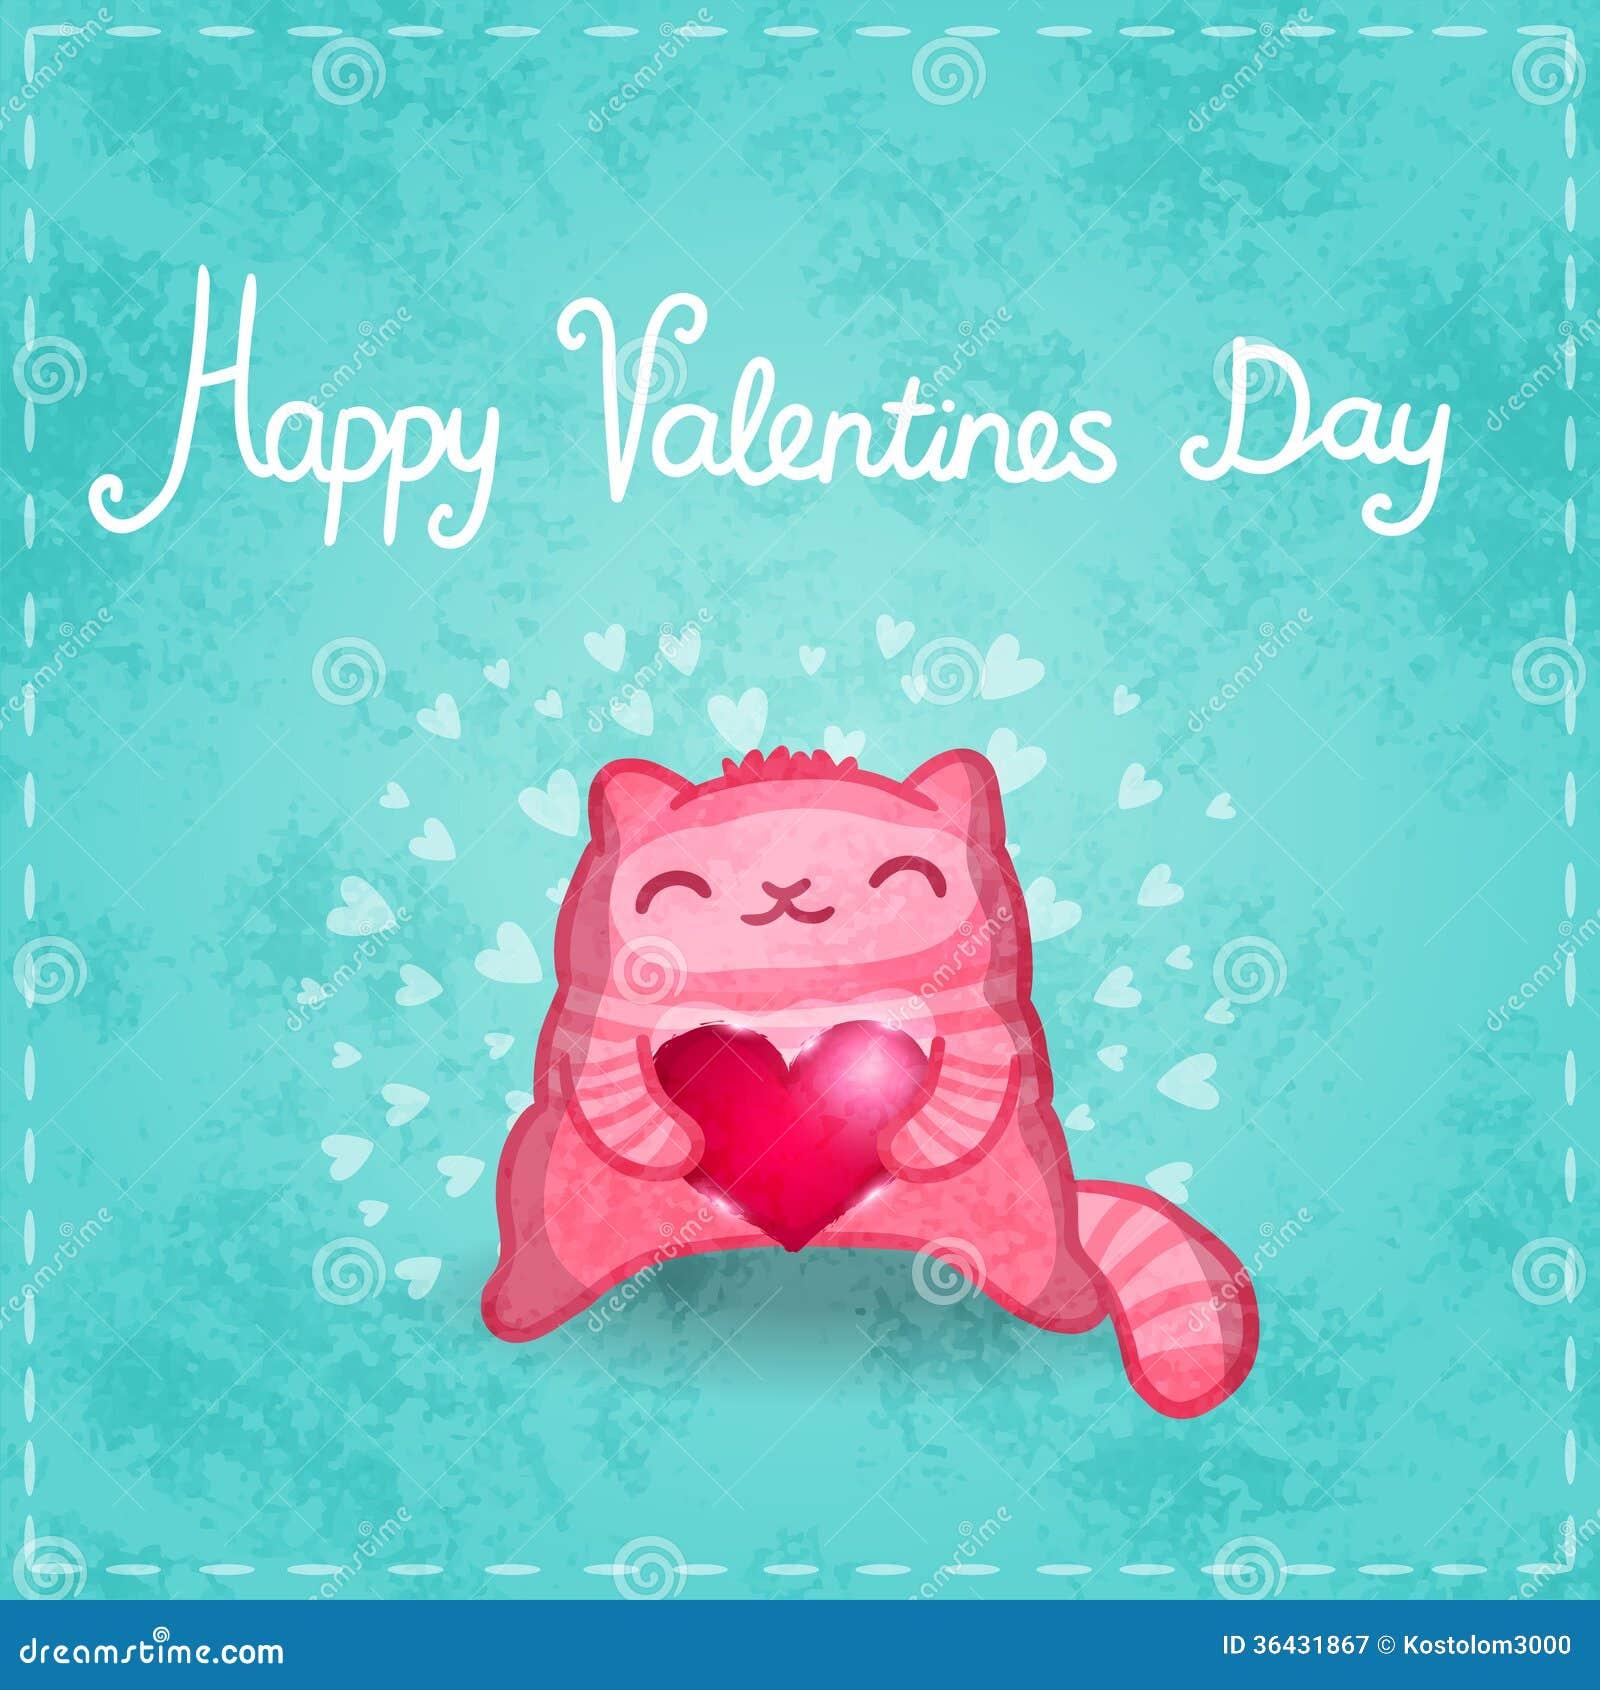 Счастливая карточка валентинок. Милый кот с сердцем.